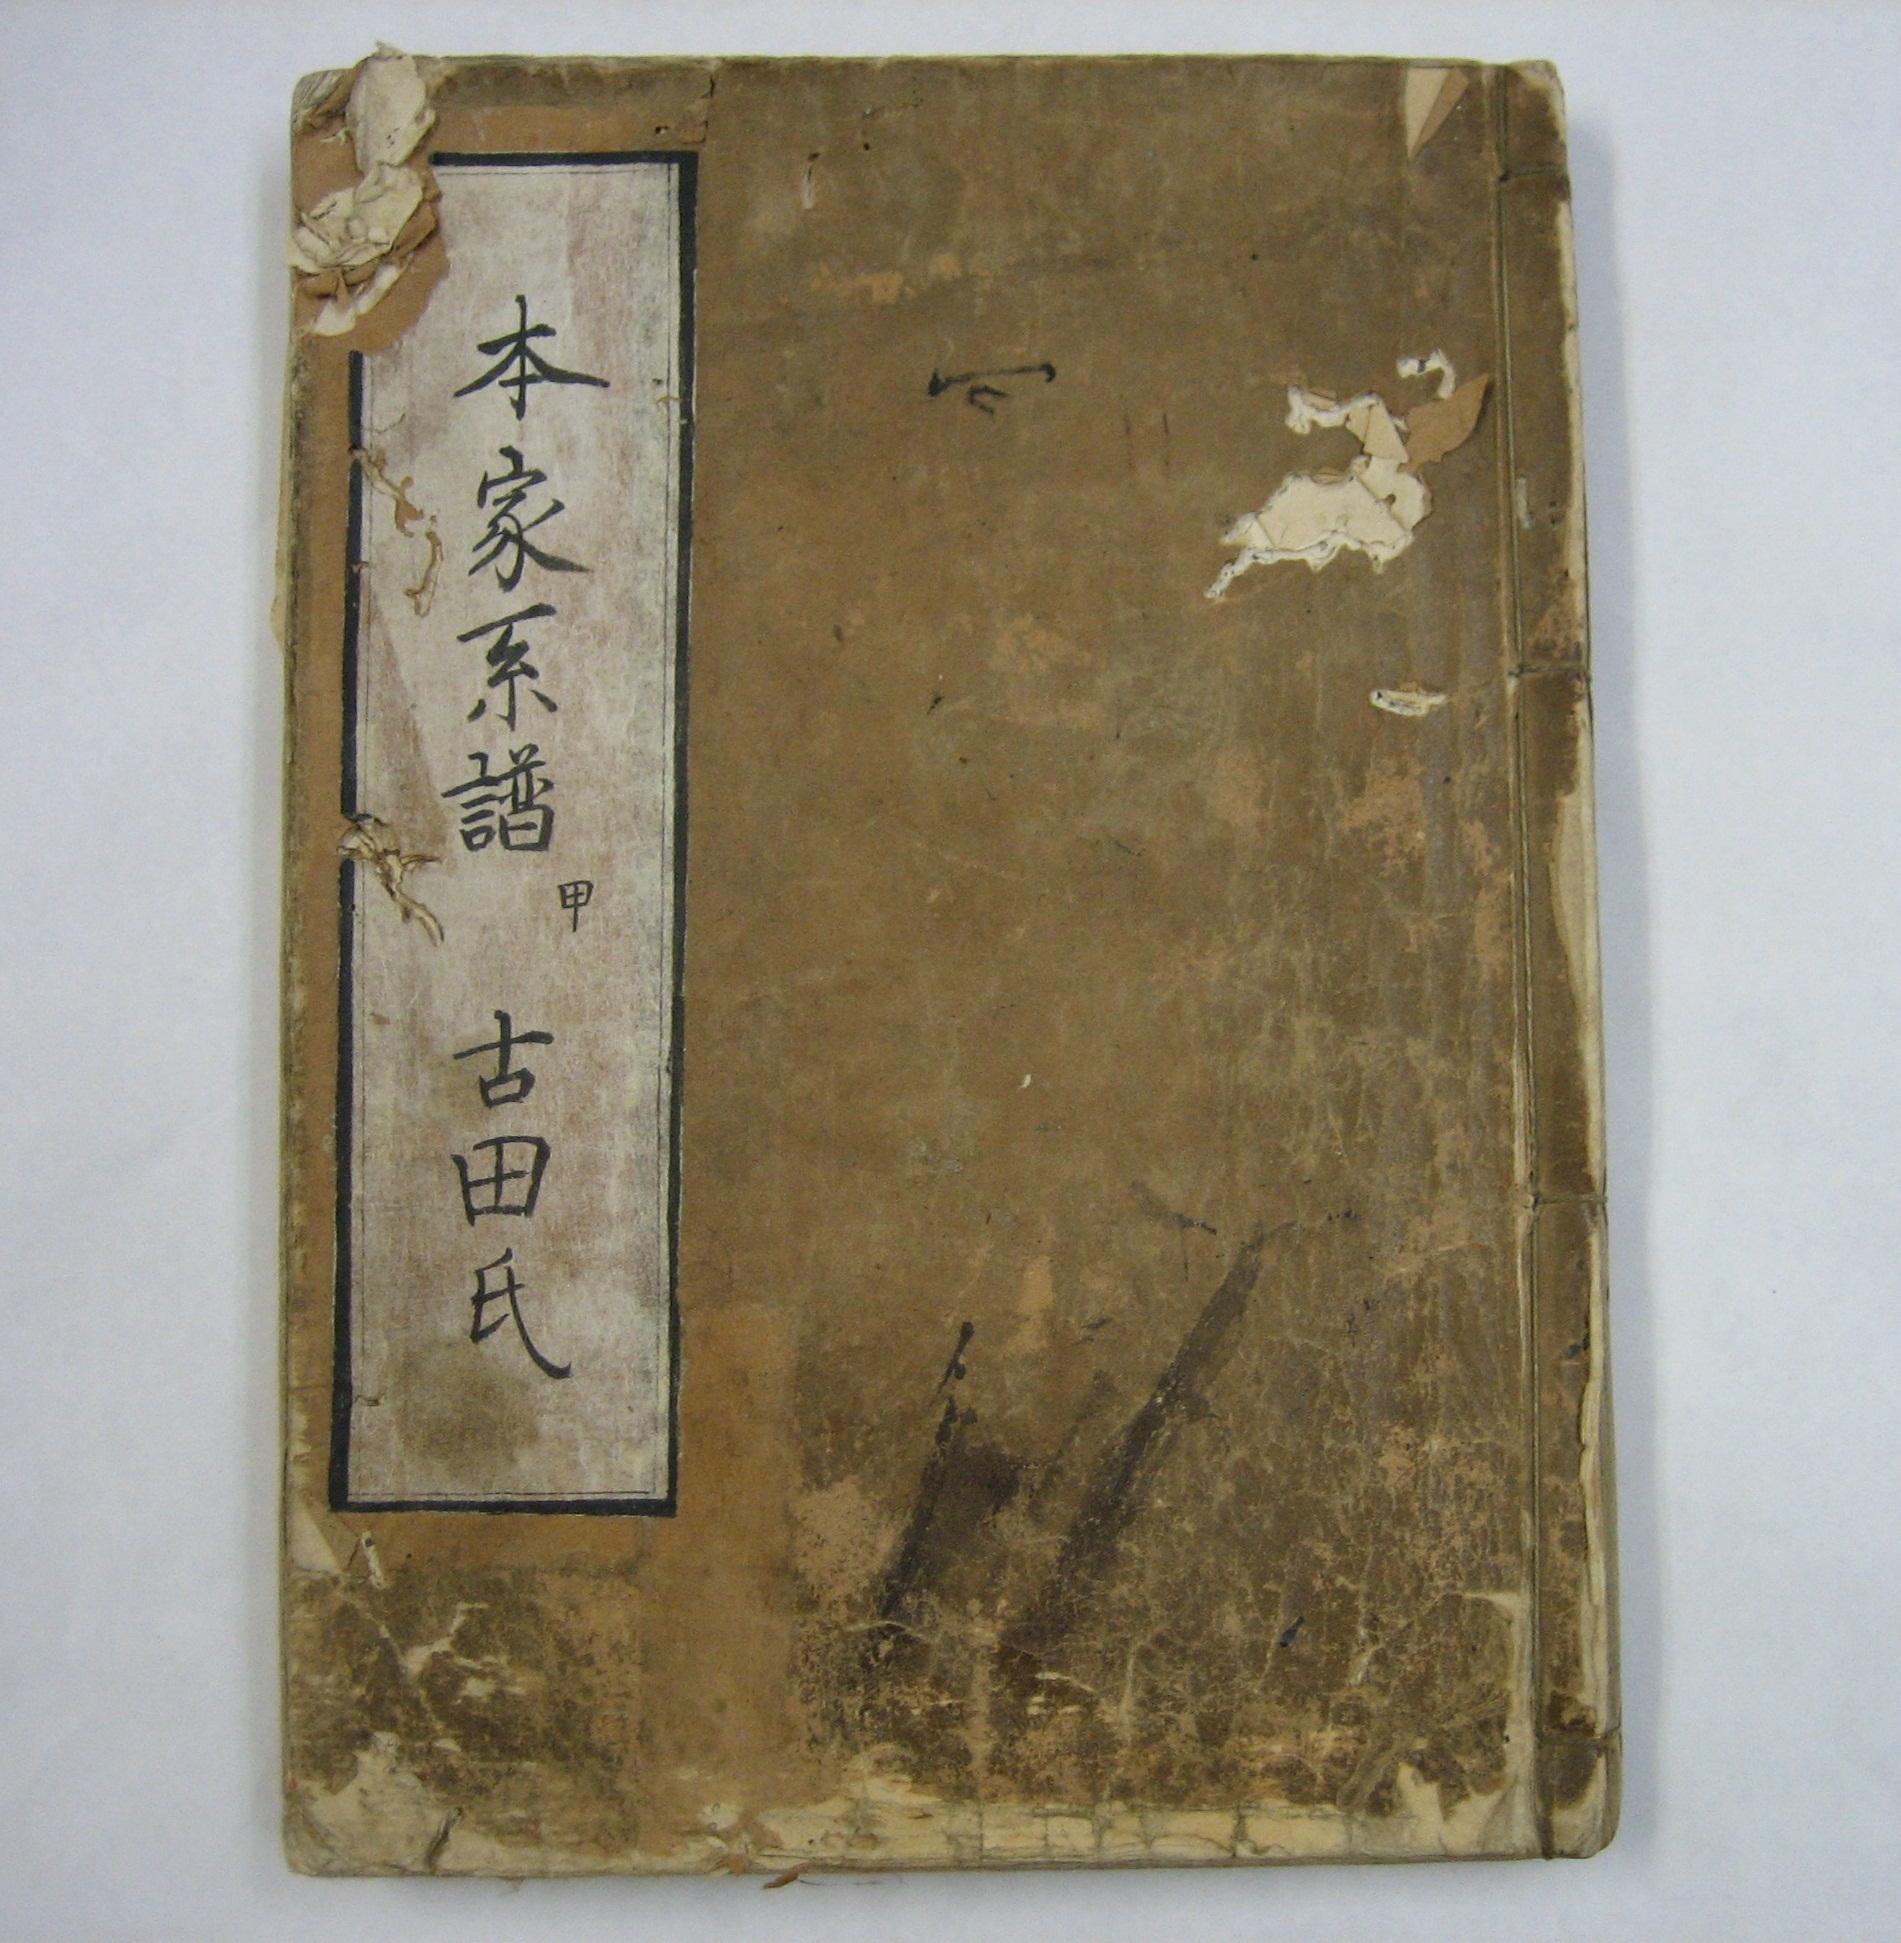 古田織部に「武門の茶法」を命じたのは徳川秀忠だった! 新事実が発覚した『古田家譜』を展示